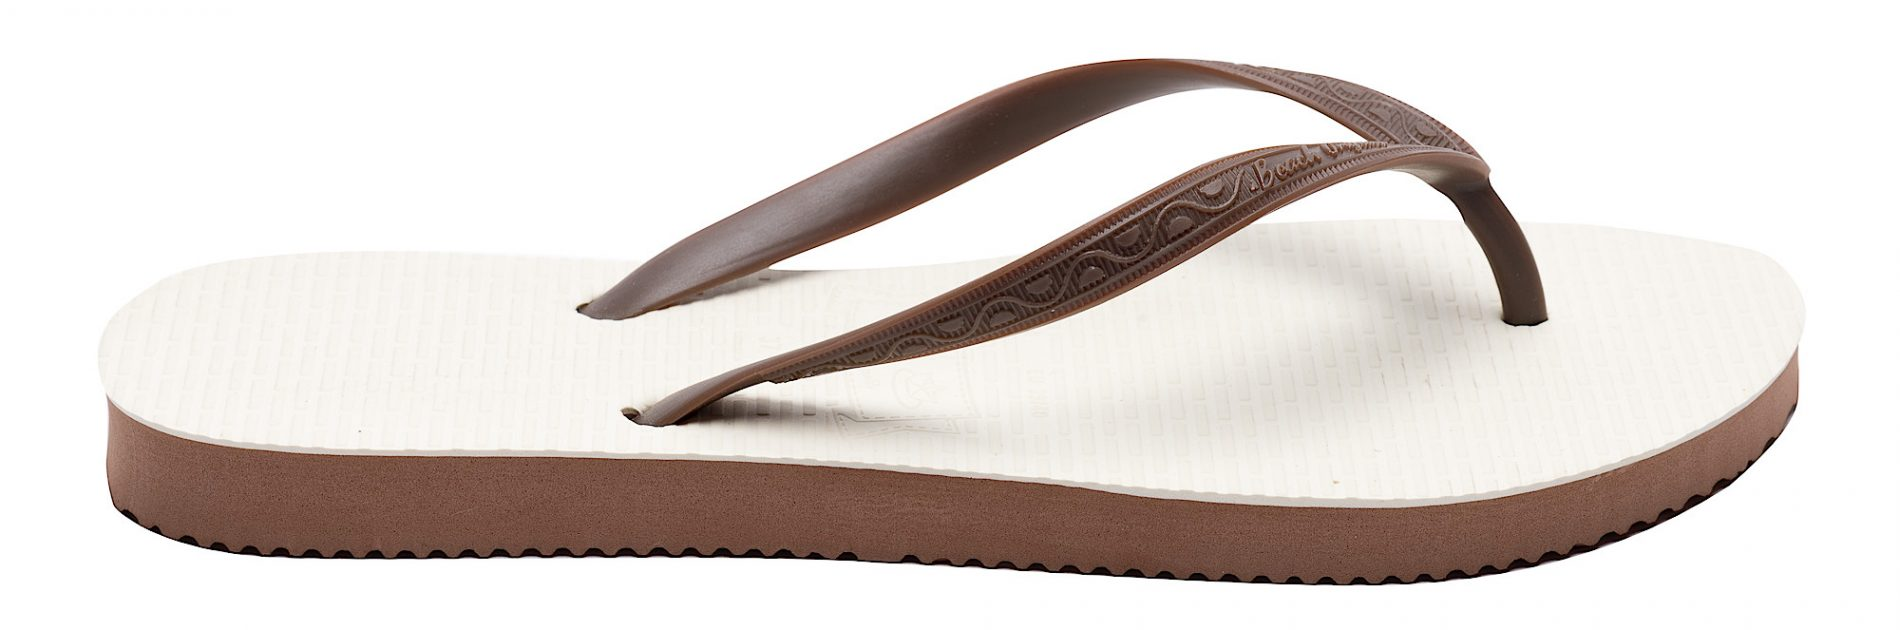 Tong modèle Durban marron chocolat. Vue de profil